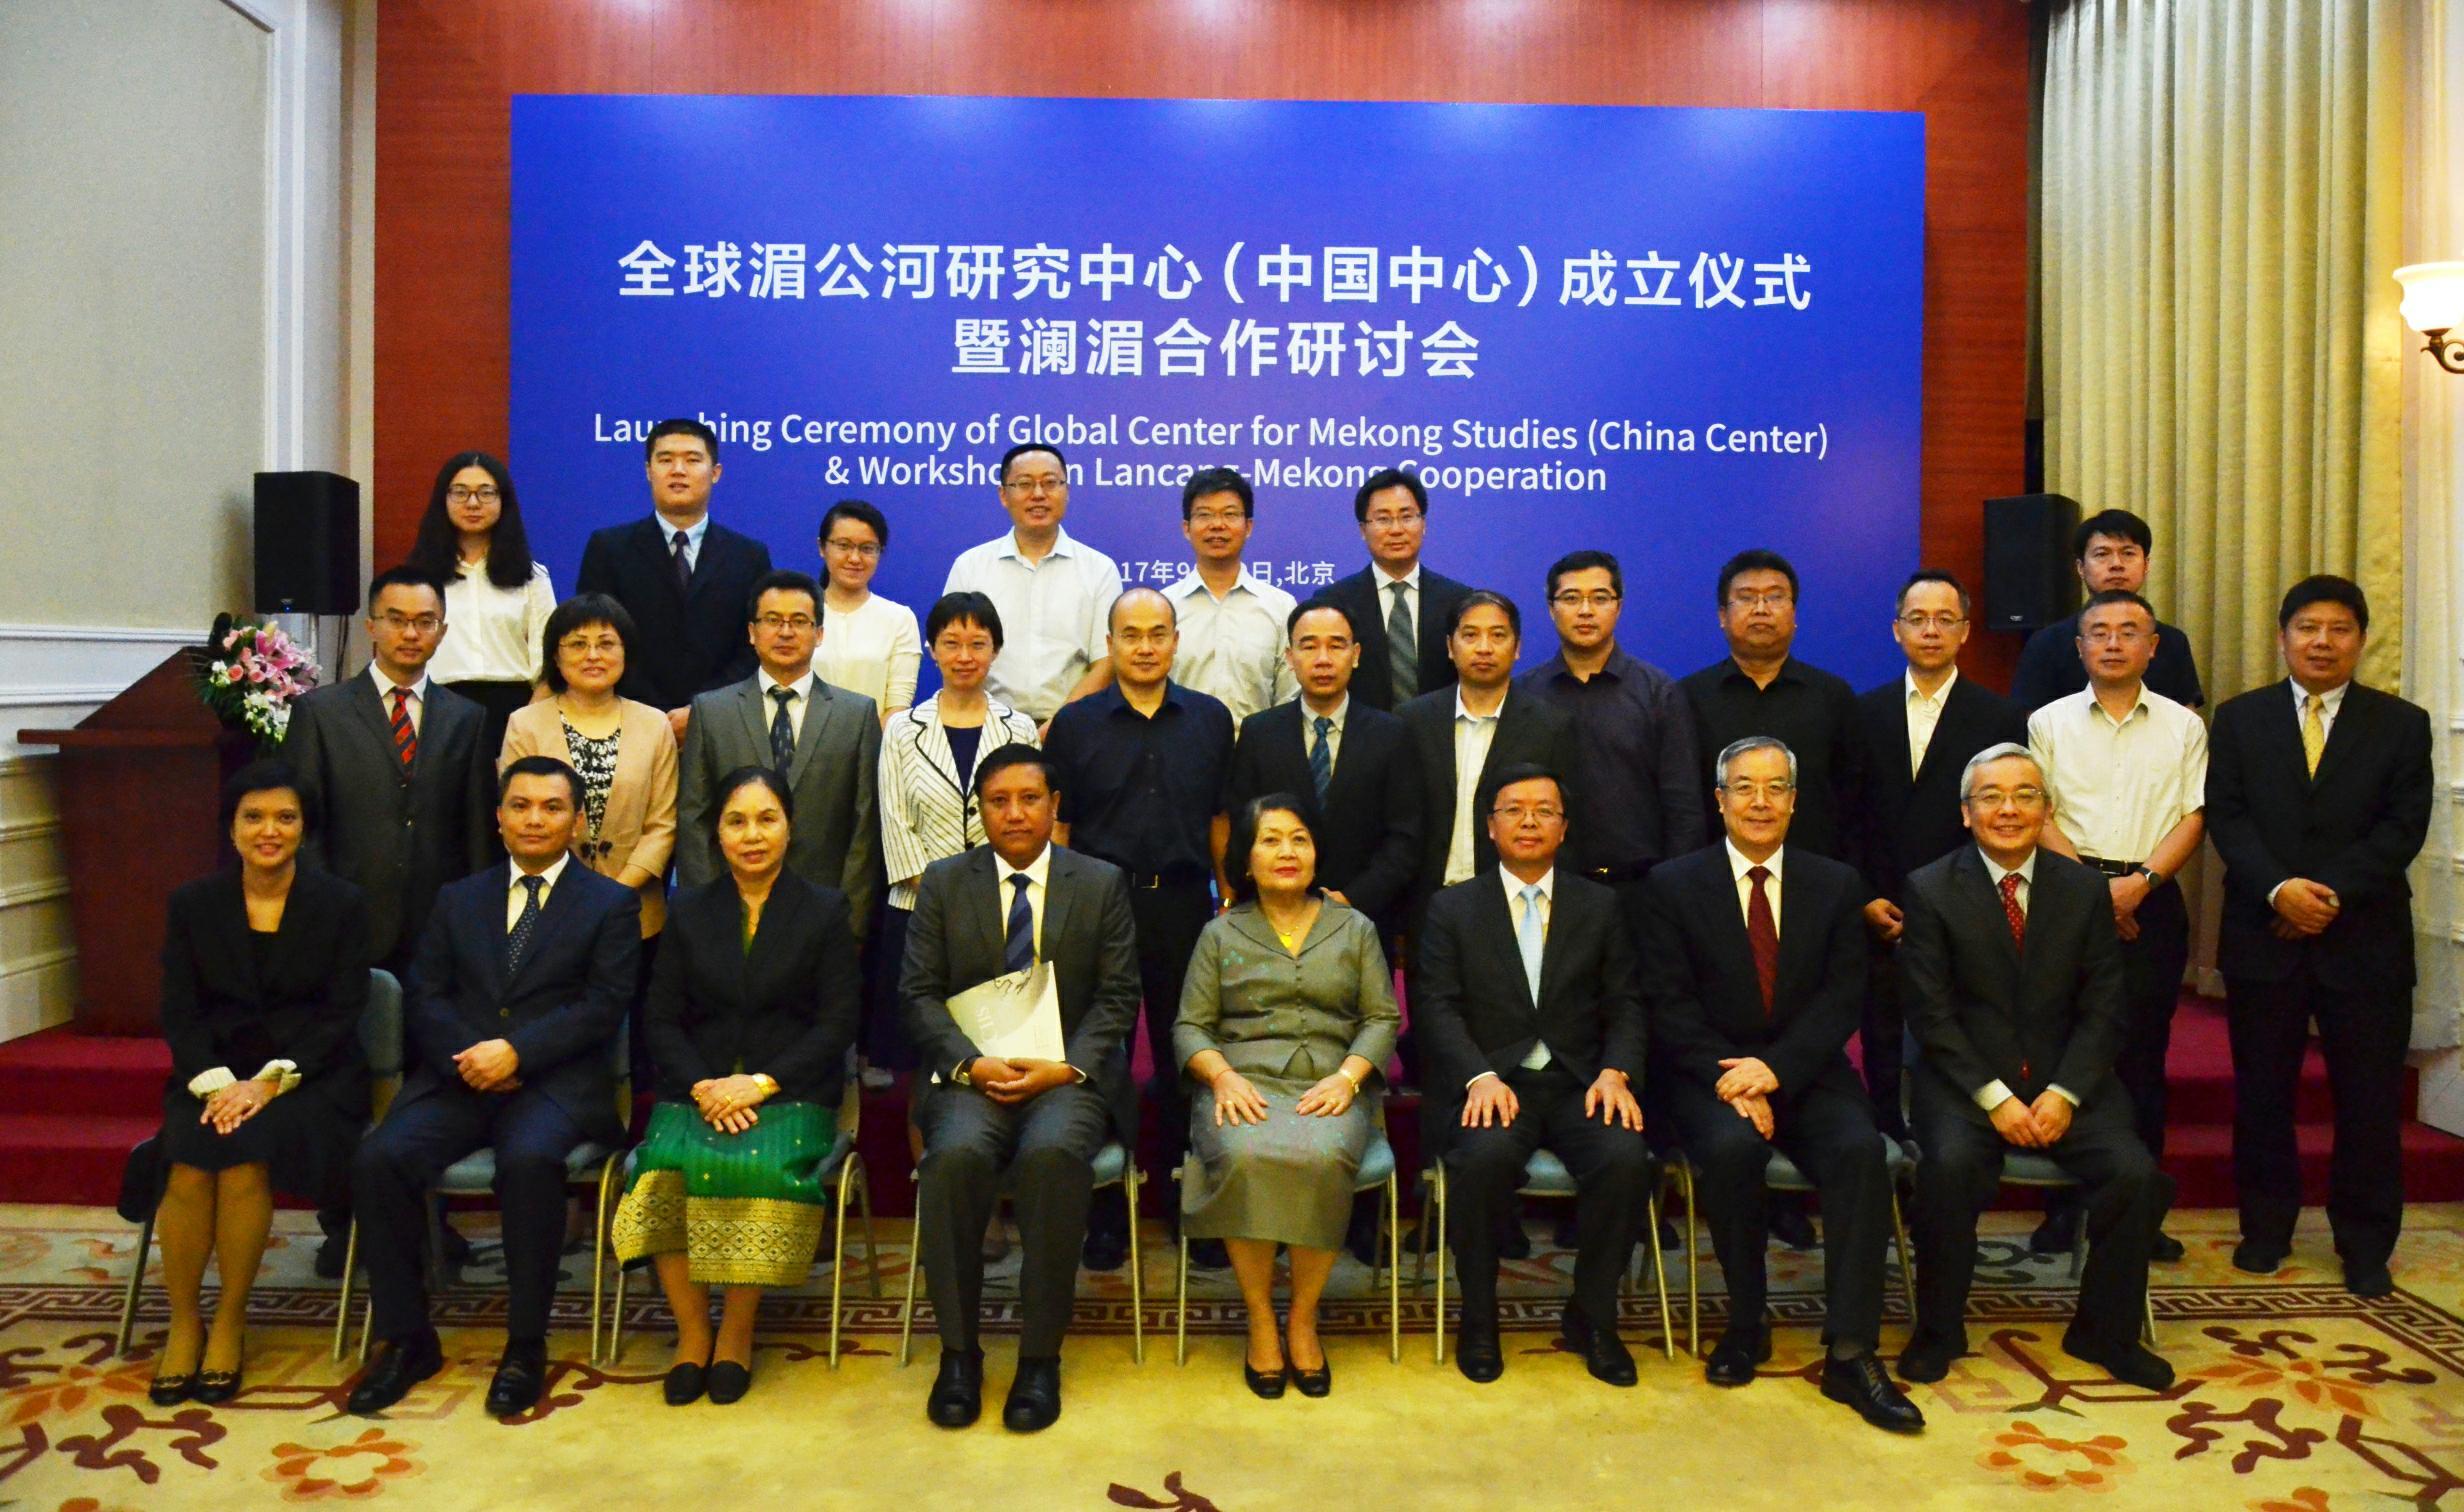 海上丝绸之路研究院代表应邀参加全球湄公河研究中心(中国中心)成立仪式暨澜湄合作学